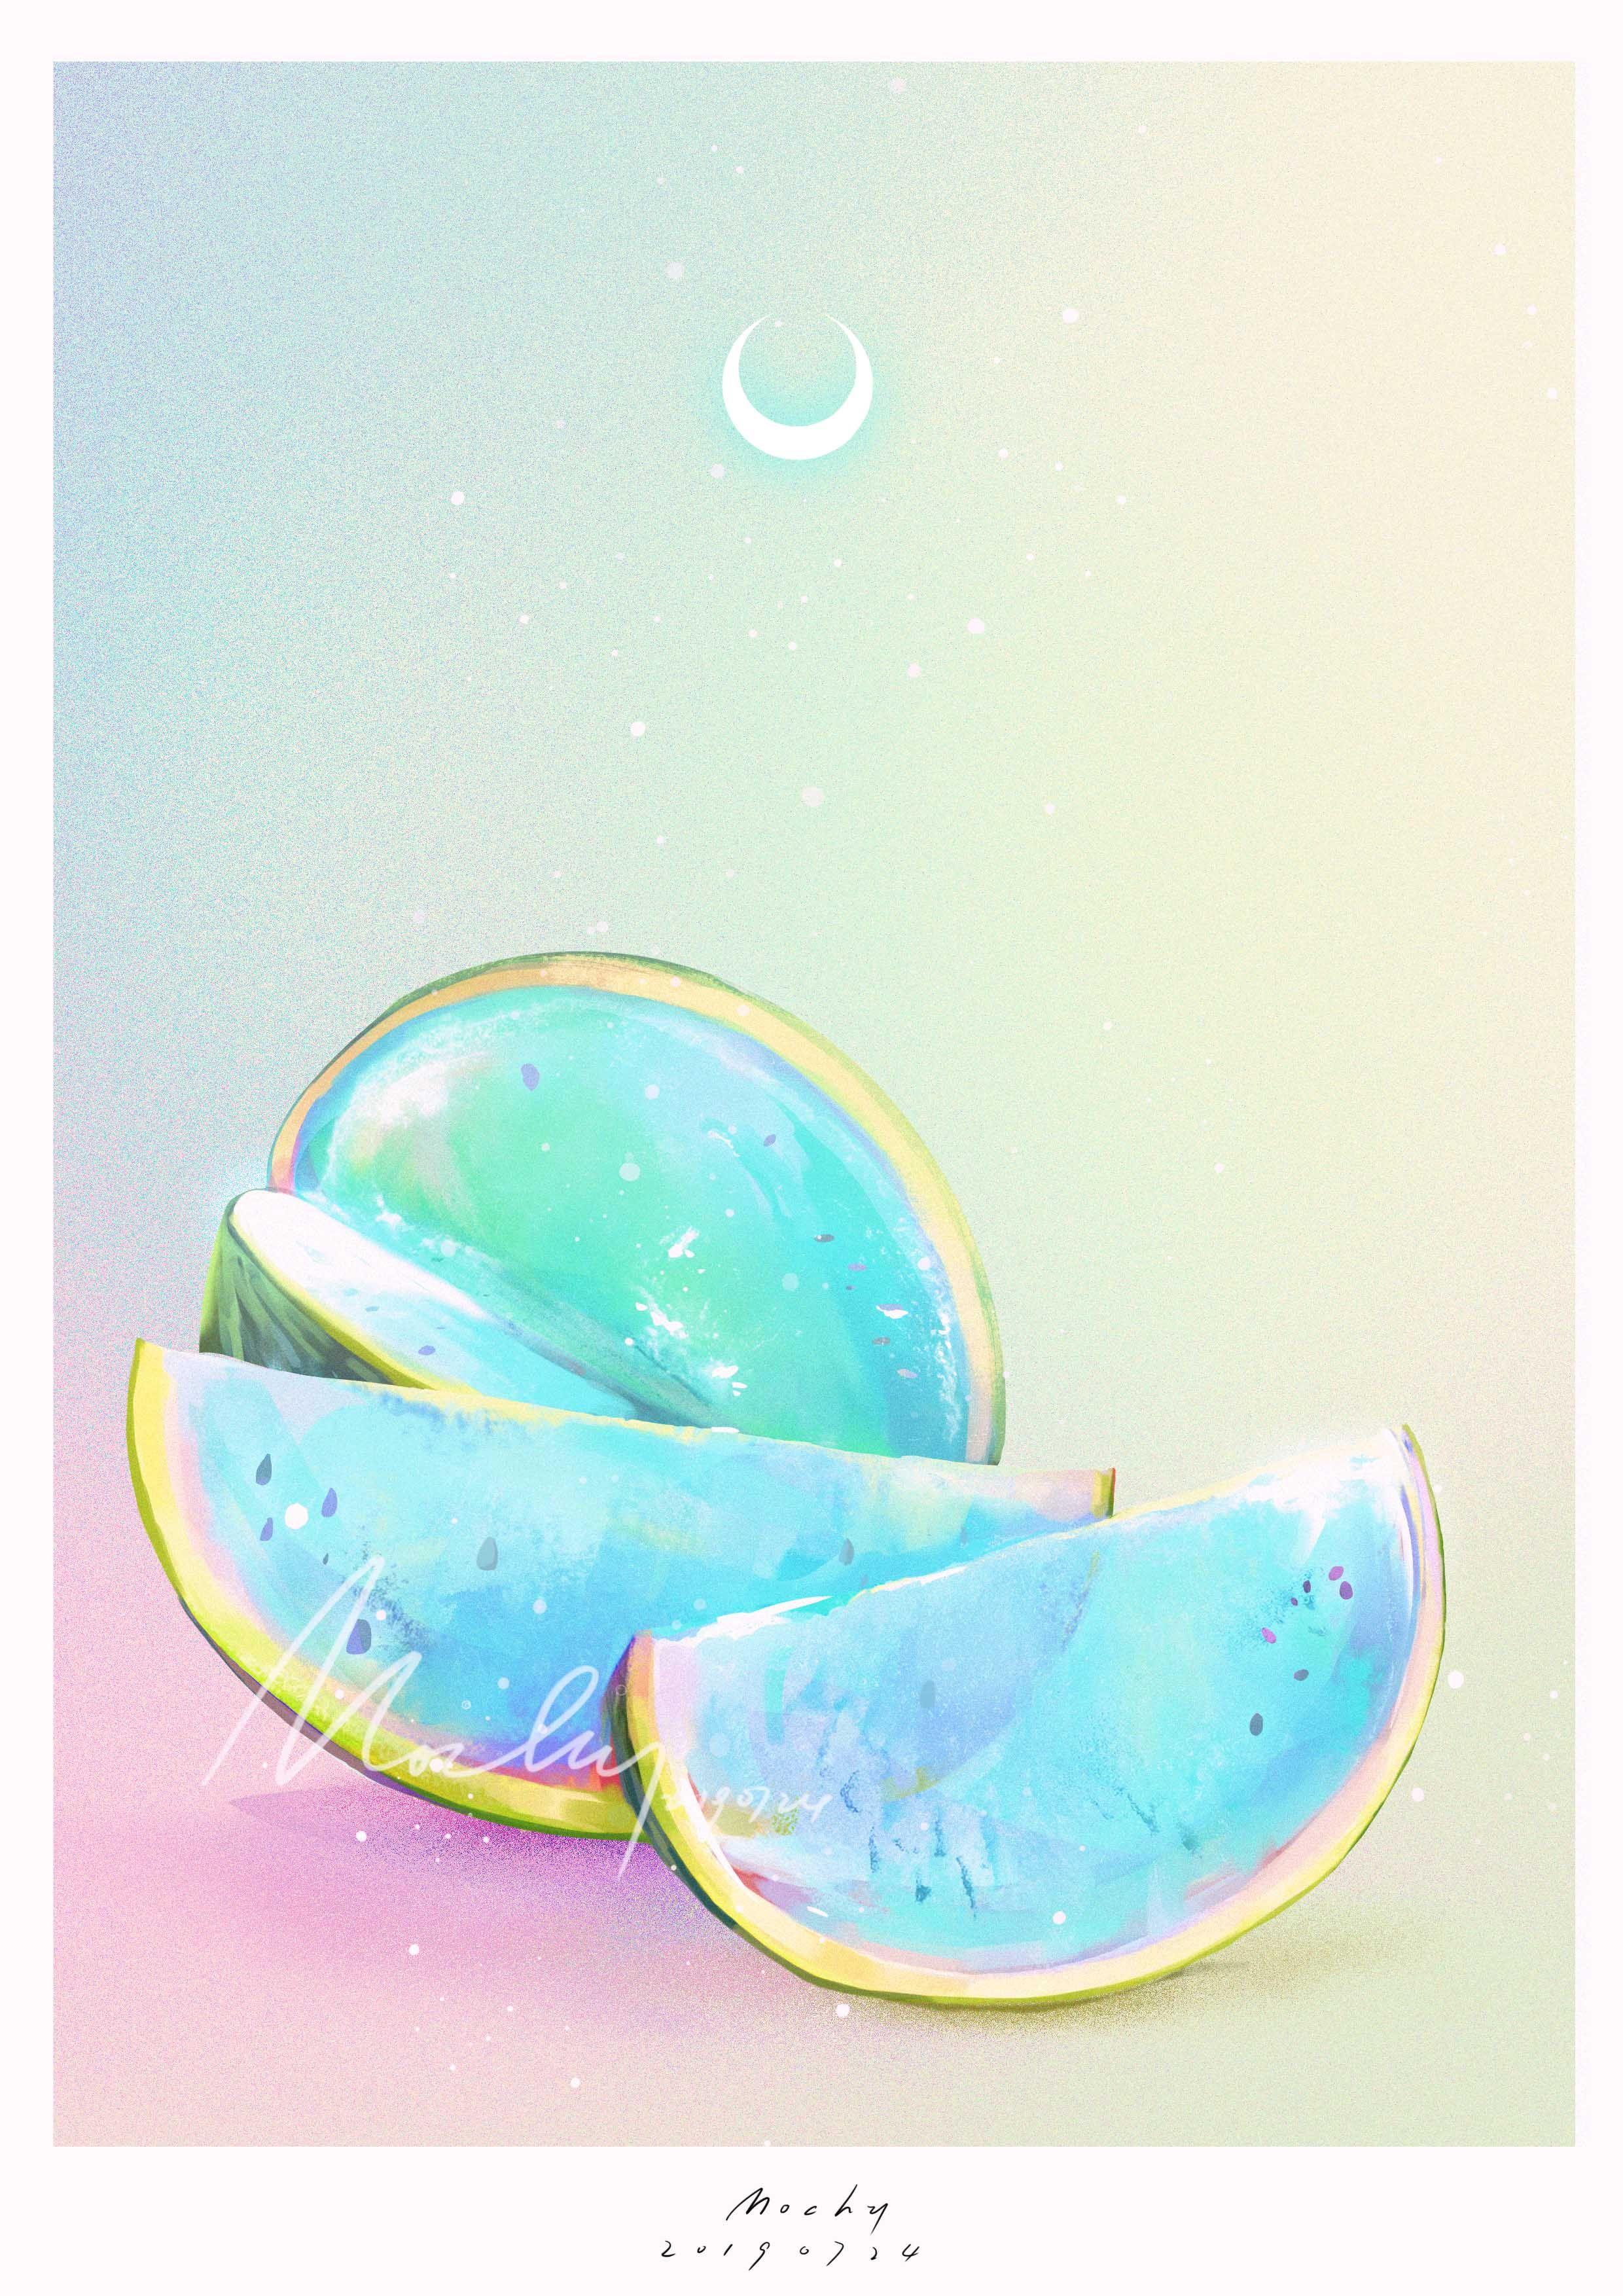 【静谧 月光】3_mochy__插画师作品_涂鸦王国gracg.com